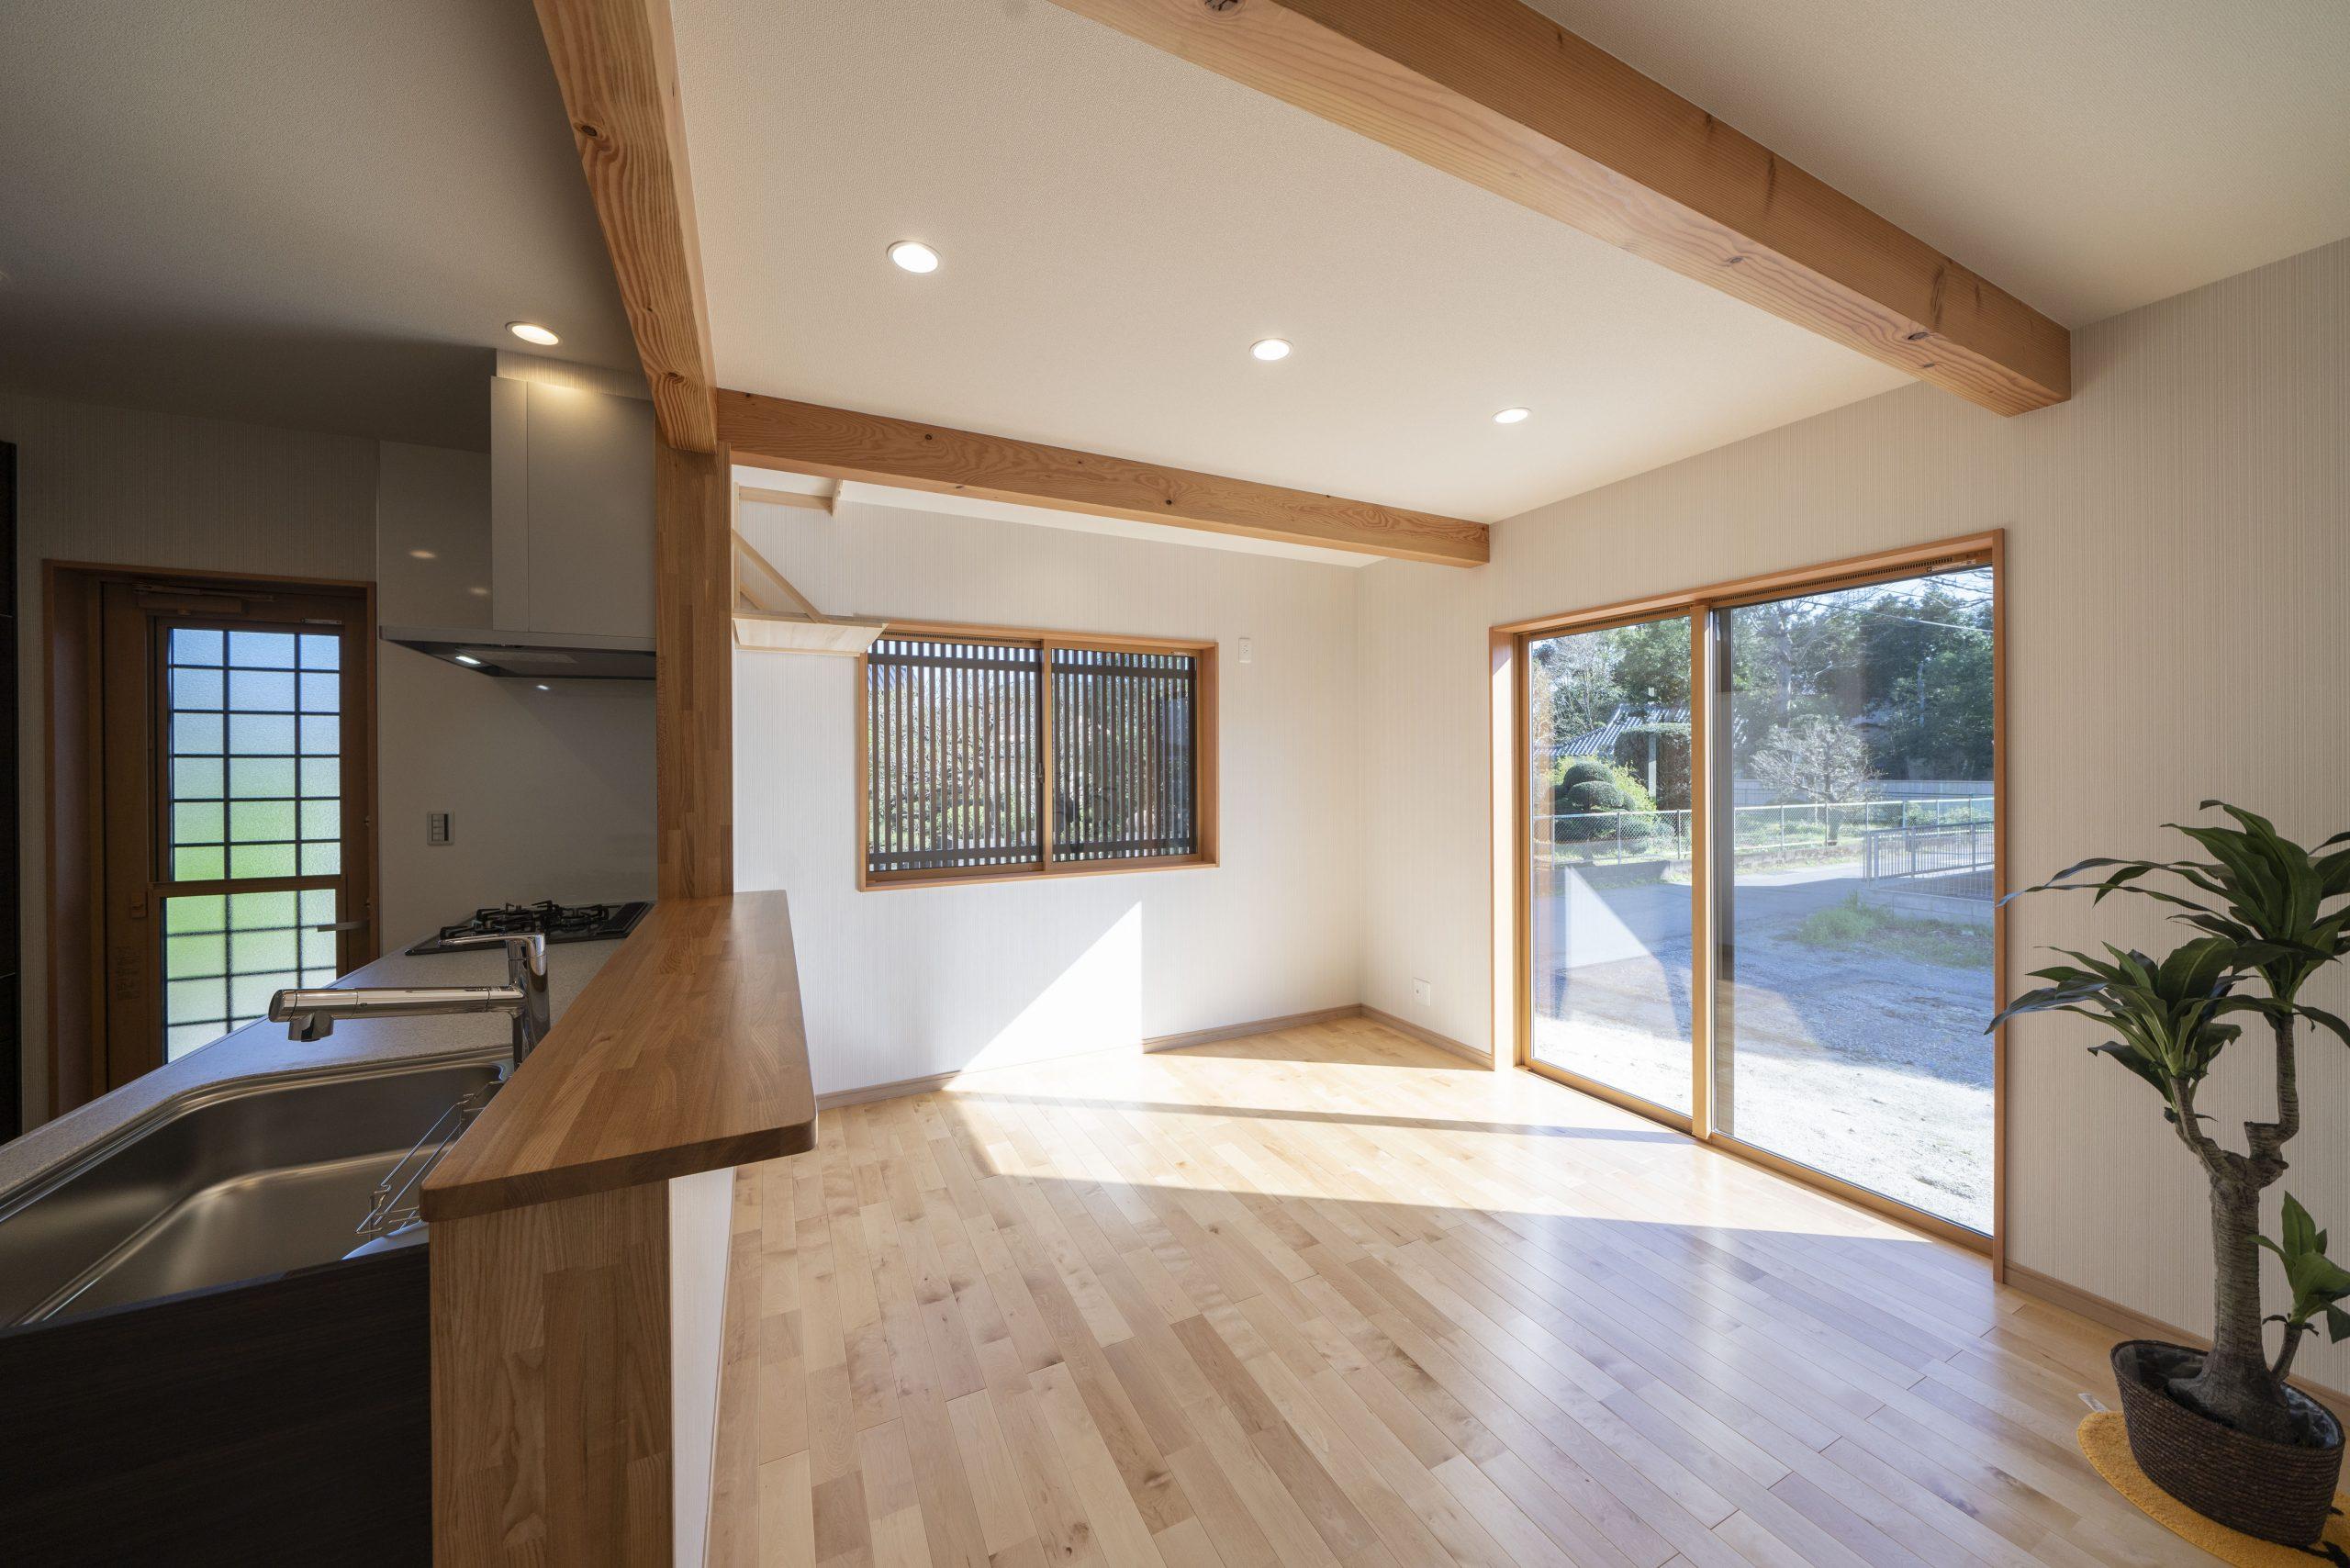 3LDKの平屋の建築実例(内観)明るいLDKな無垢材をふんだんに使い安らぎのある空間に